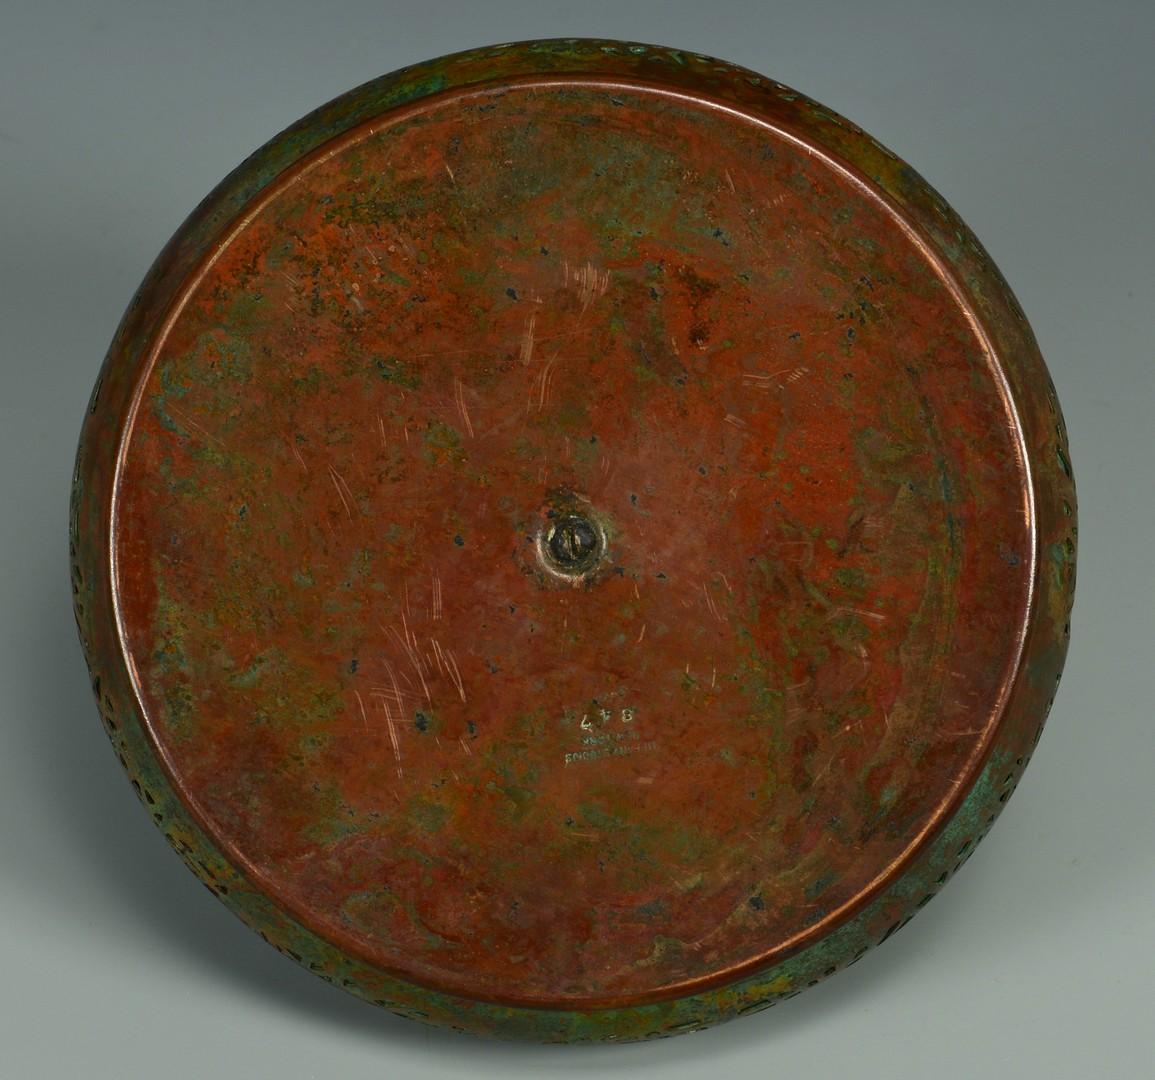 Lot 39: Tiffany Bronze & Glass Inkwell, Pine Needle Pattern